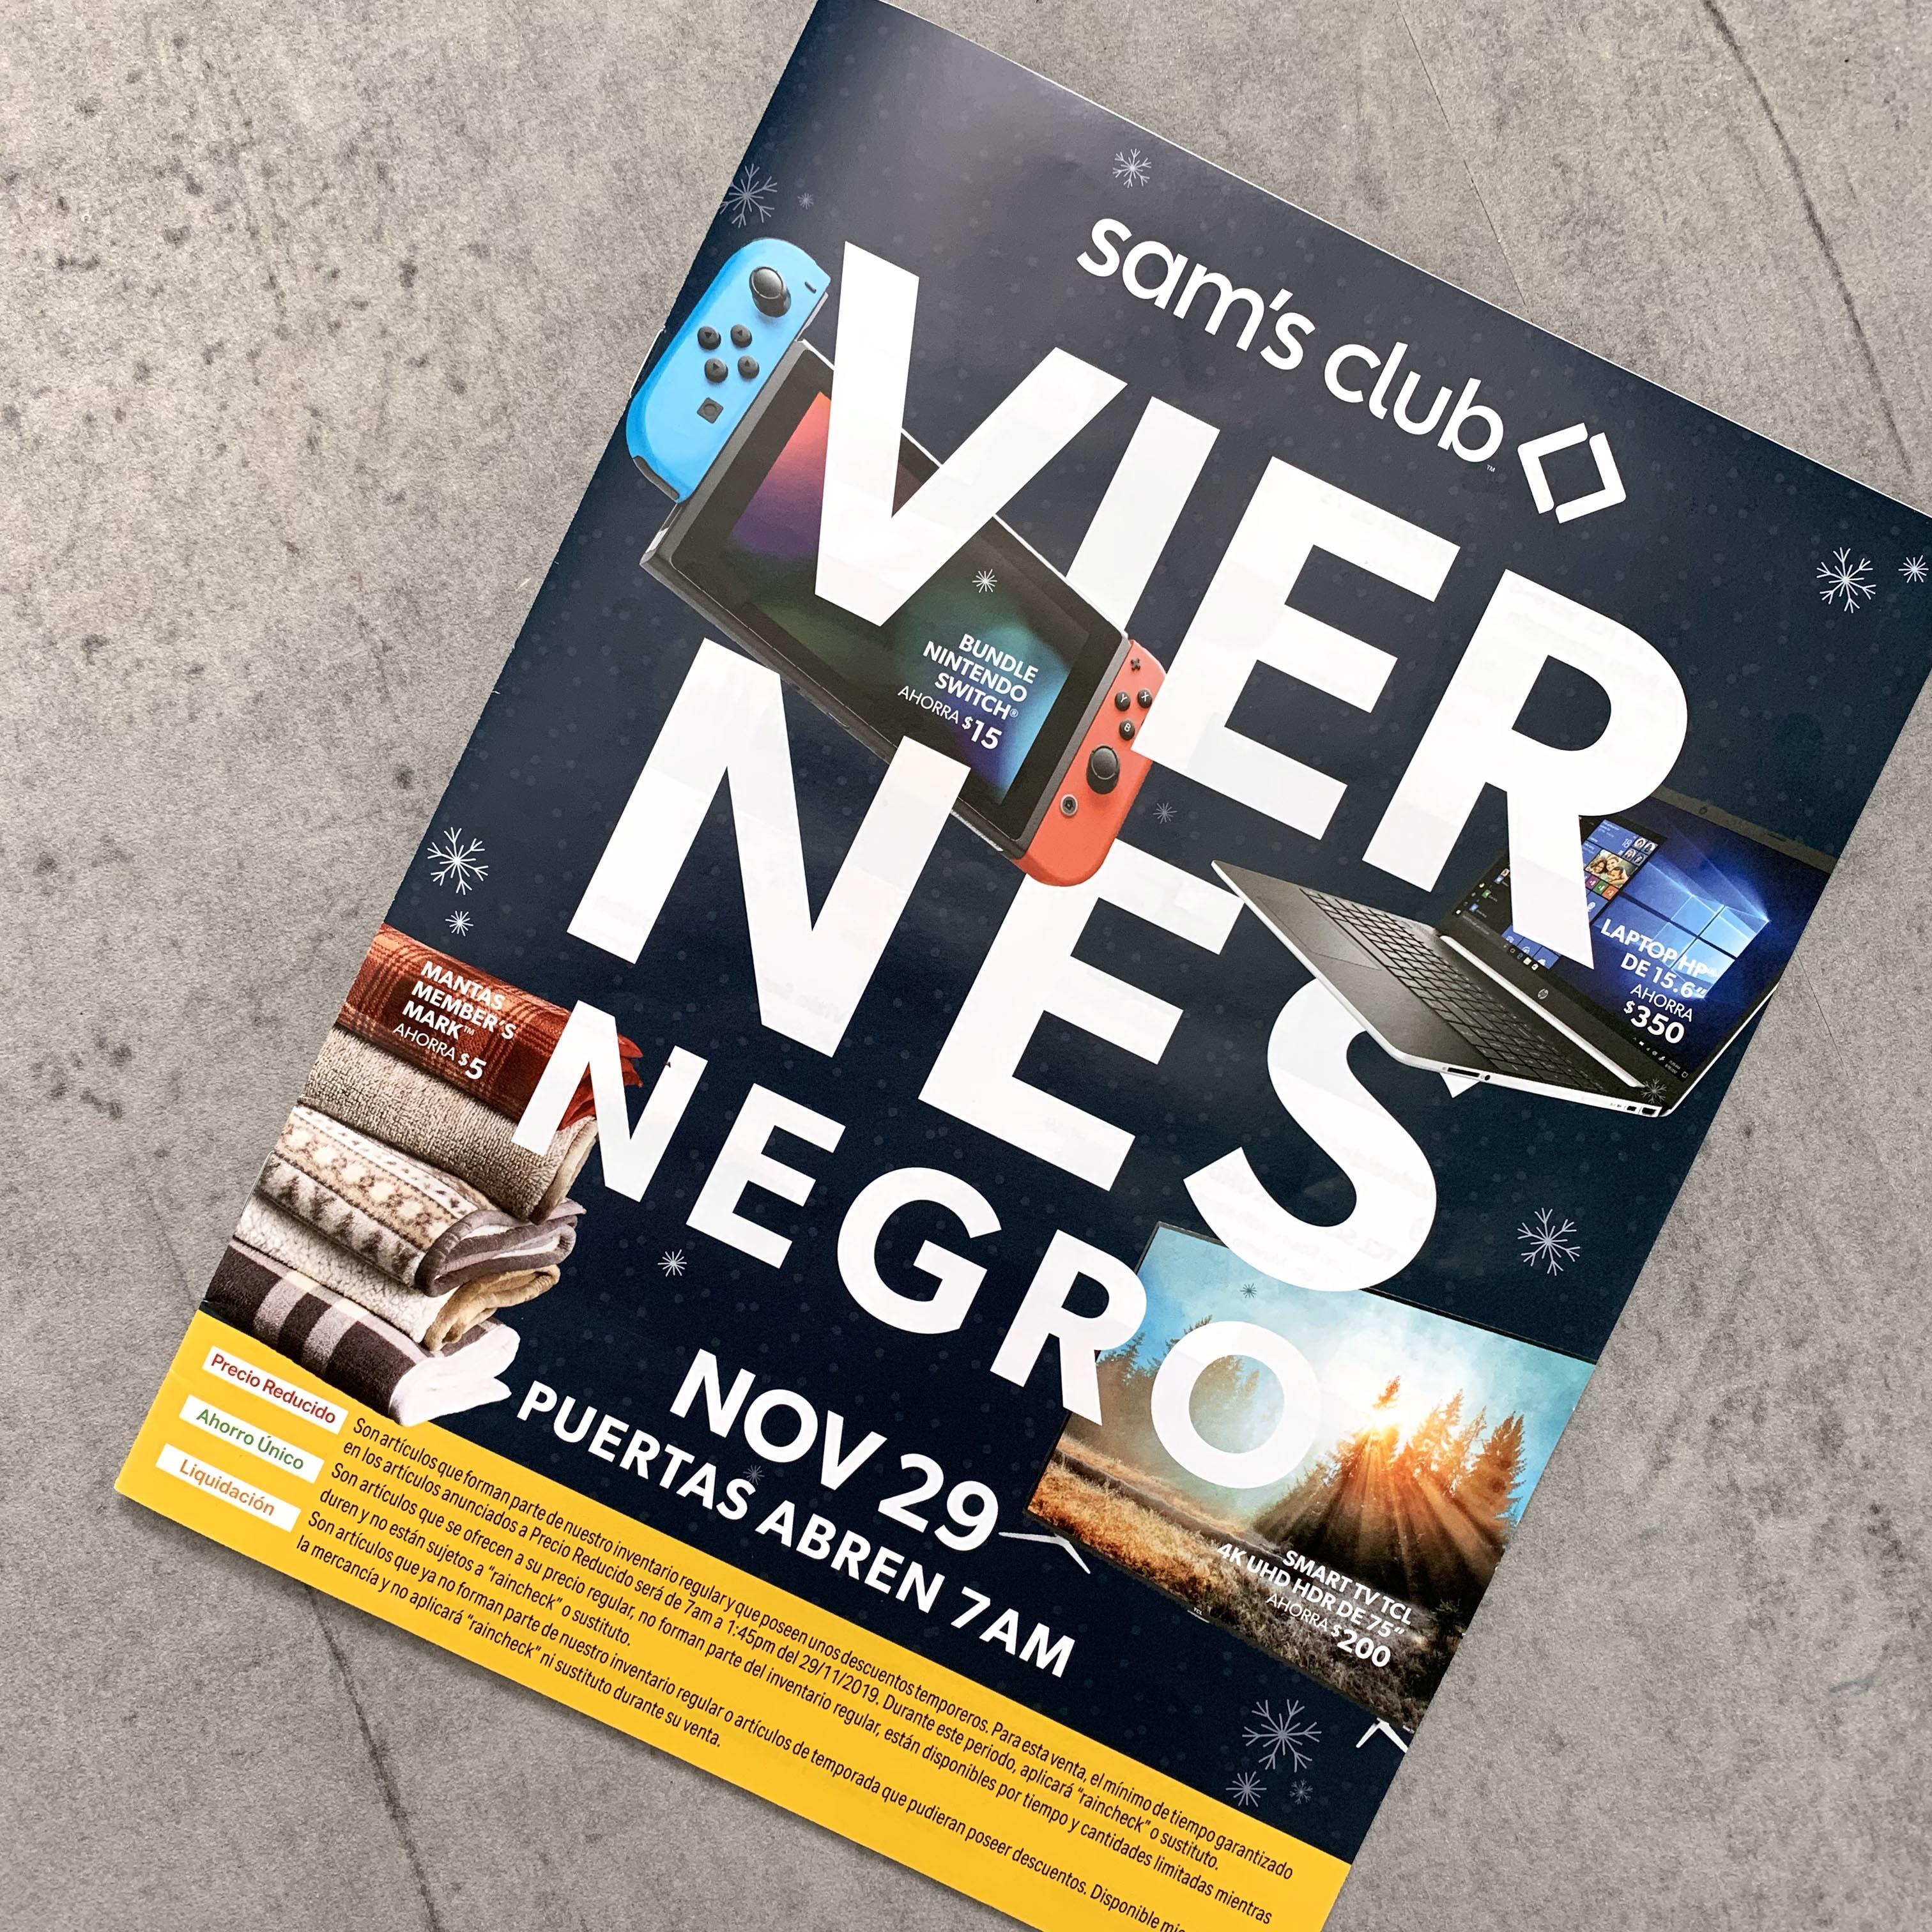 [Exclusivo] Catálogo de Viernes Negro - Sam?s Club Puerto Rico